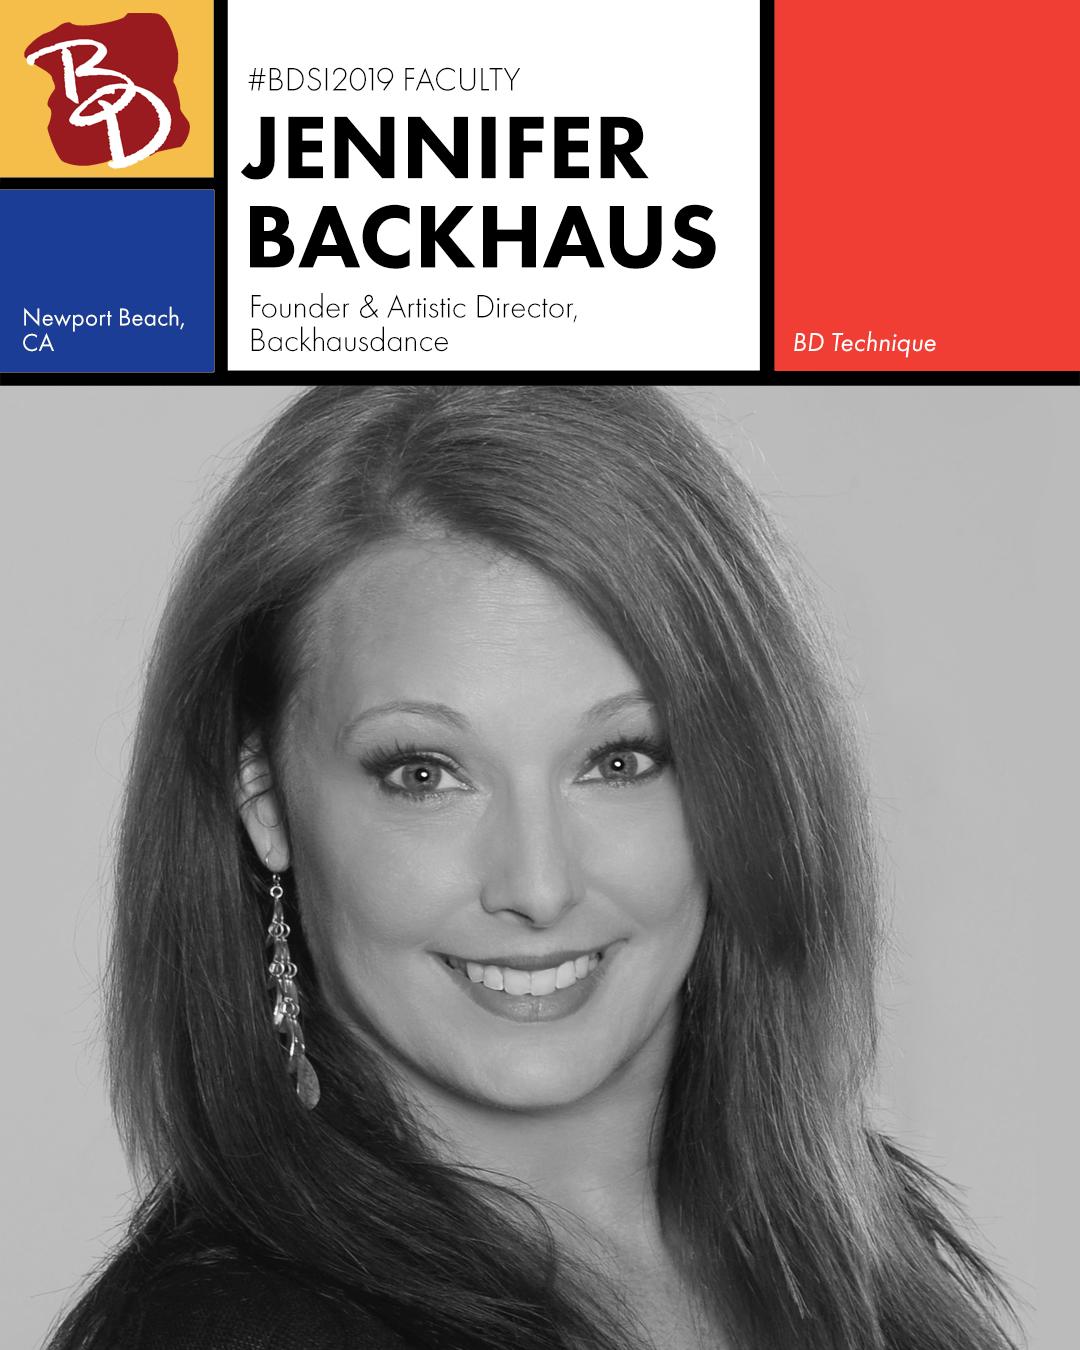 Faculty Announcement 2019 - Jennifer Backhaus.jpg